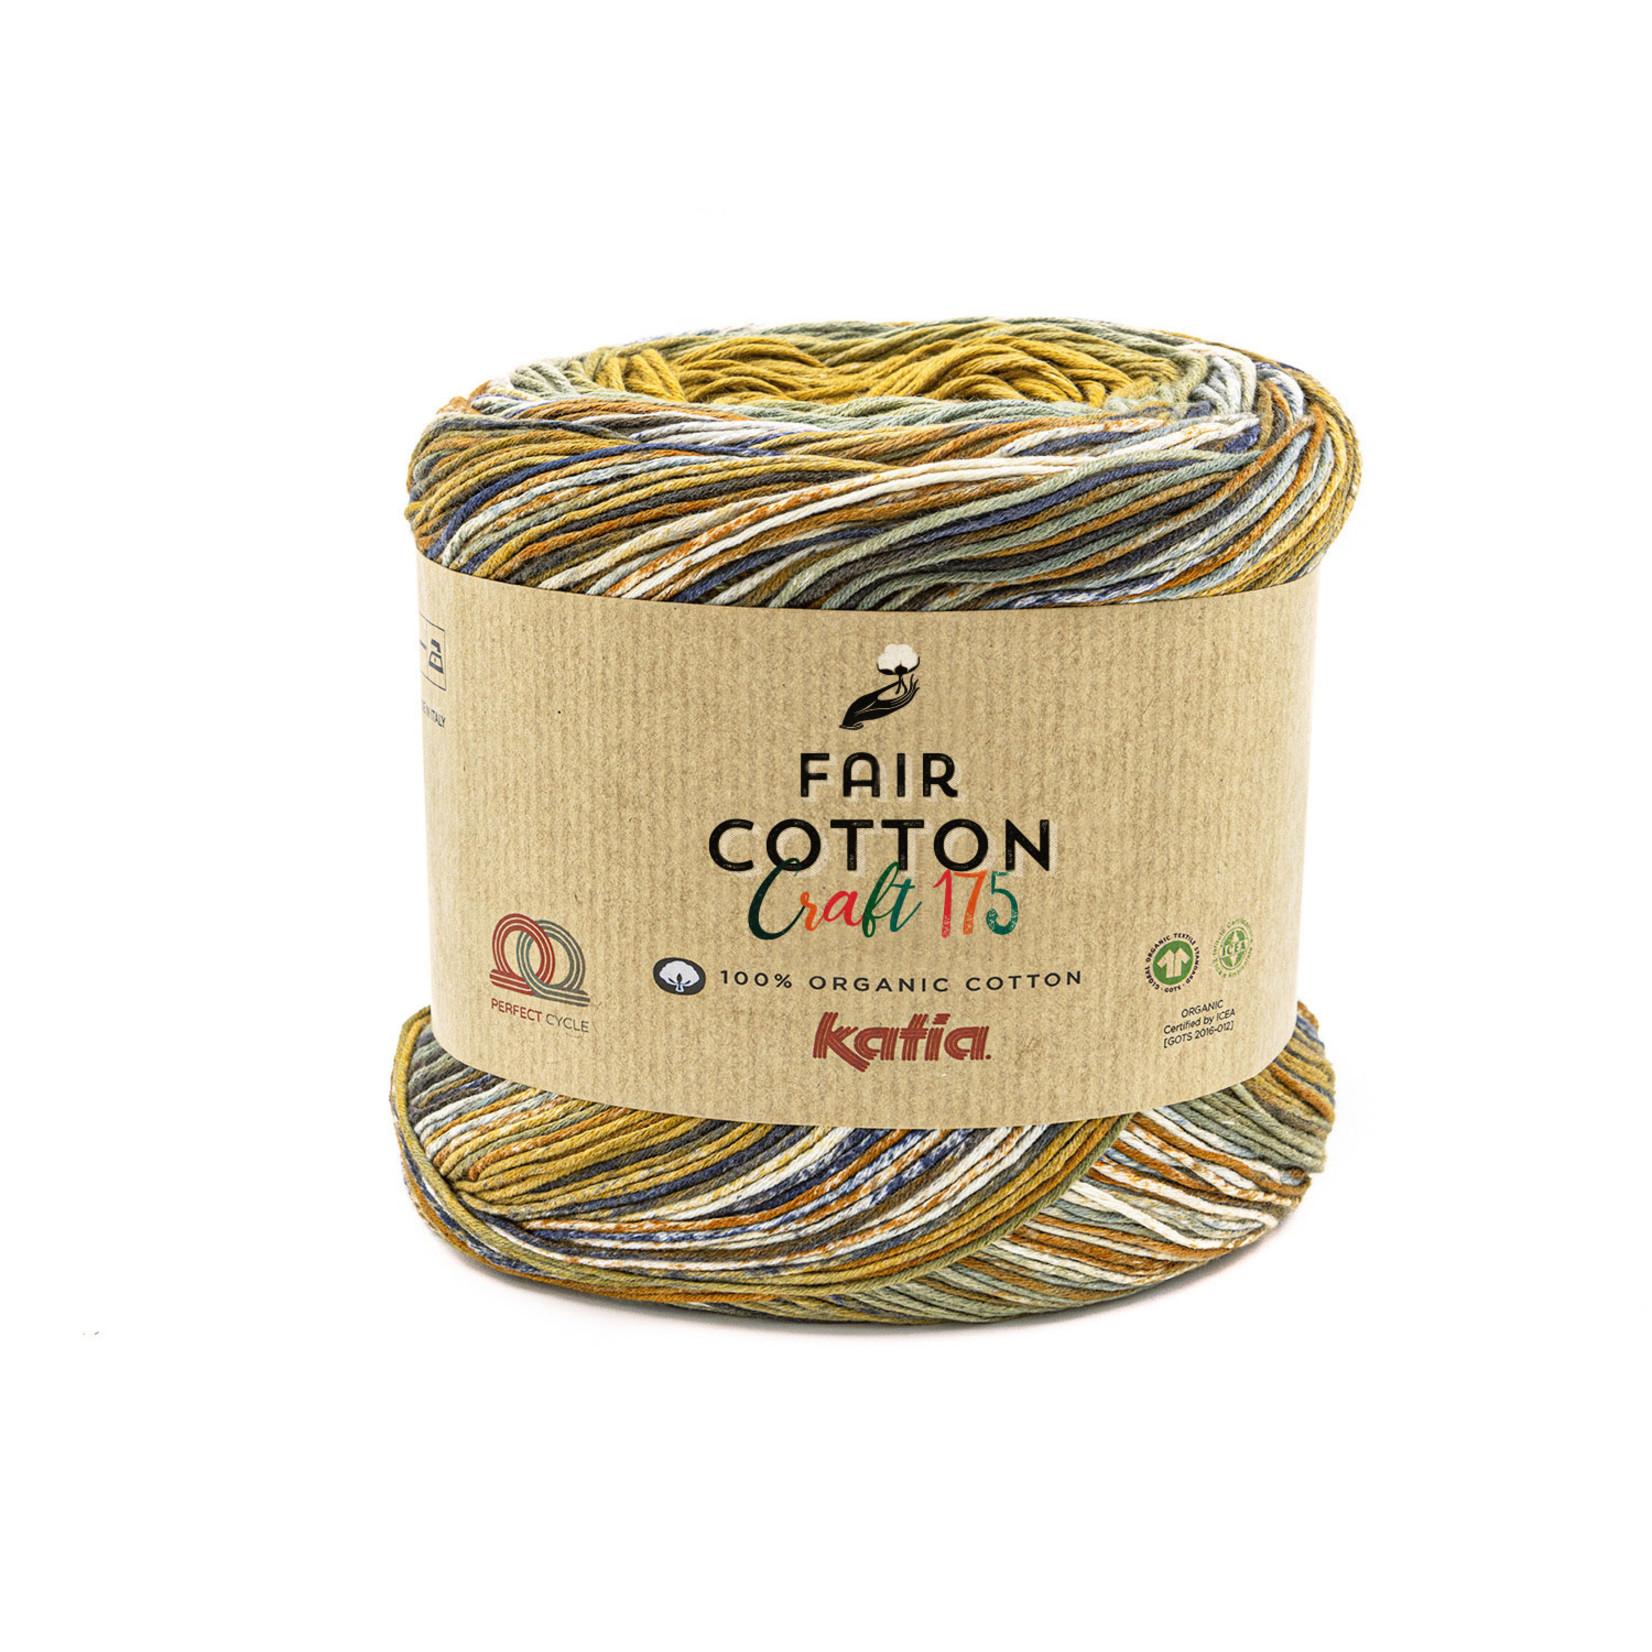 Katia Katia Fair Cotton Craft verloopgaren Kleur 801 - bundel 2 bollen x175  gr.